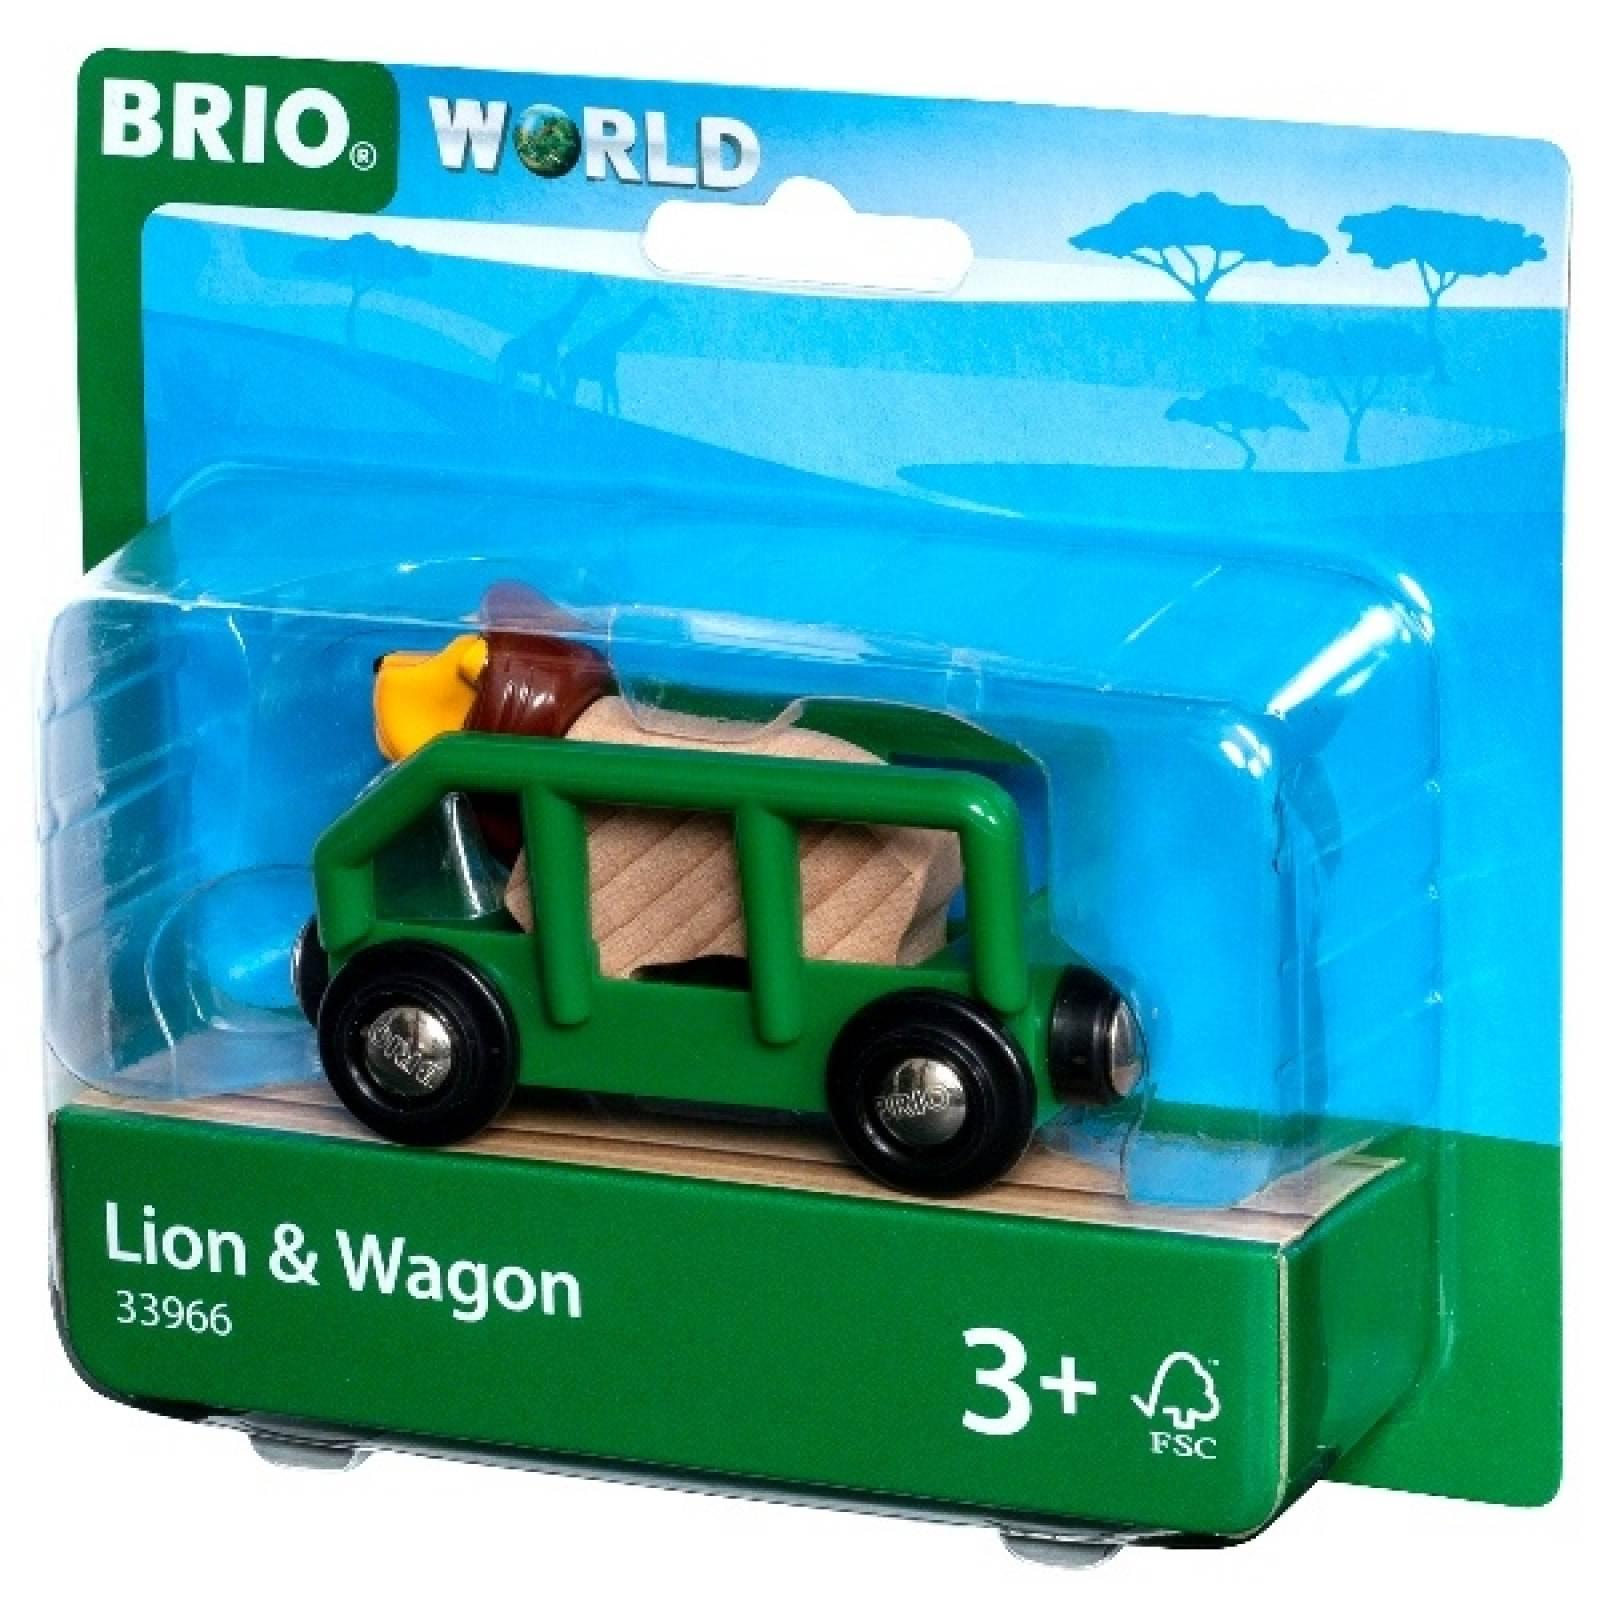 Lion & Wagon BRIO Wooden Railway Age 3+ thumbnails